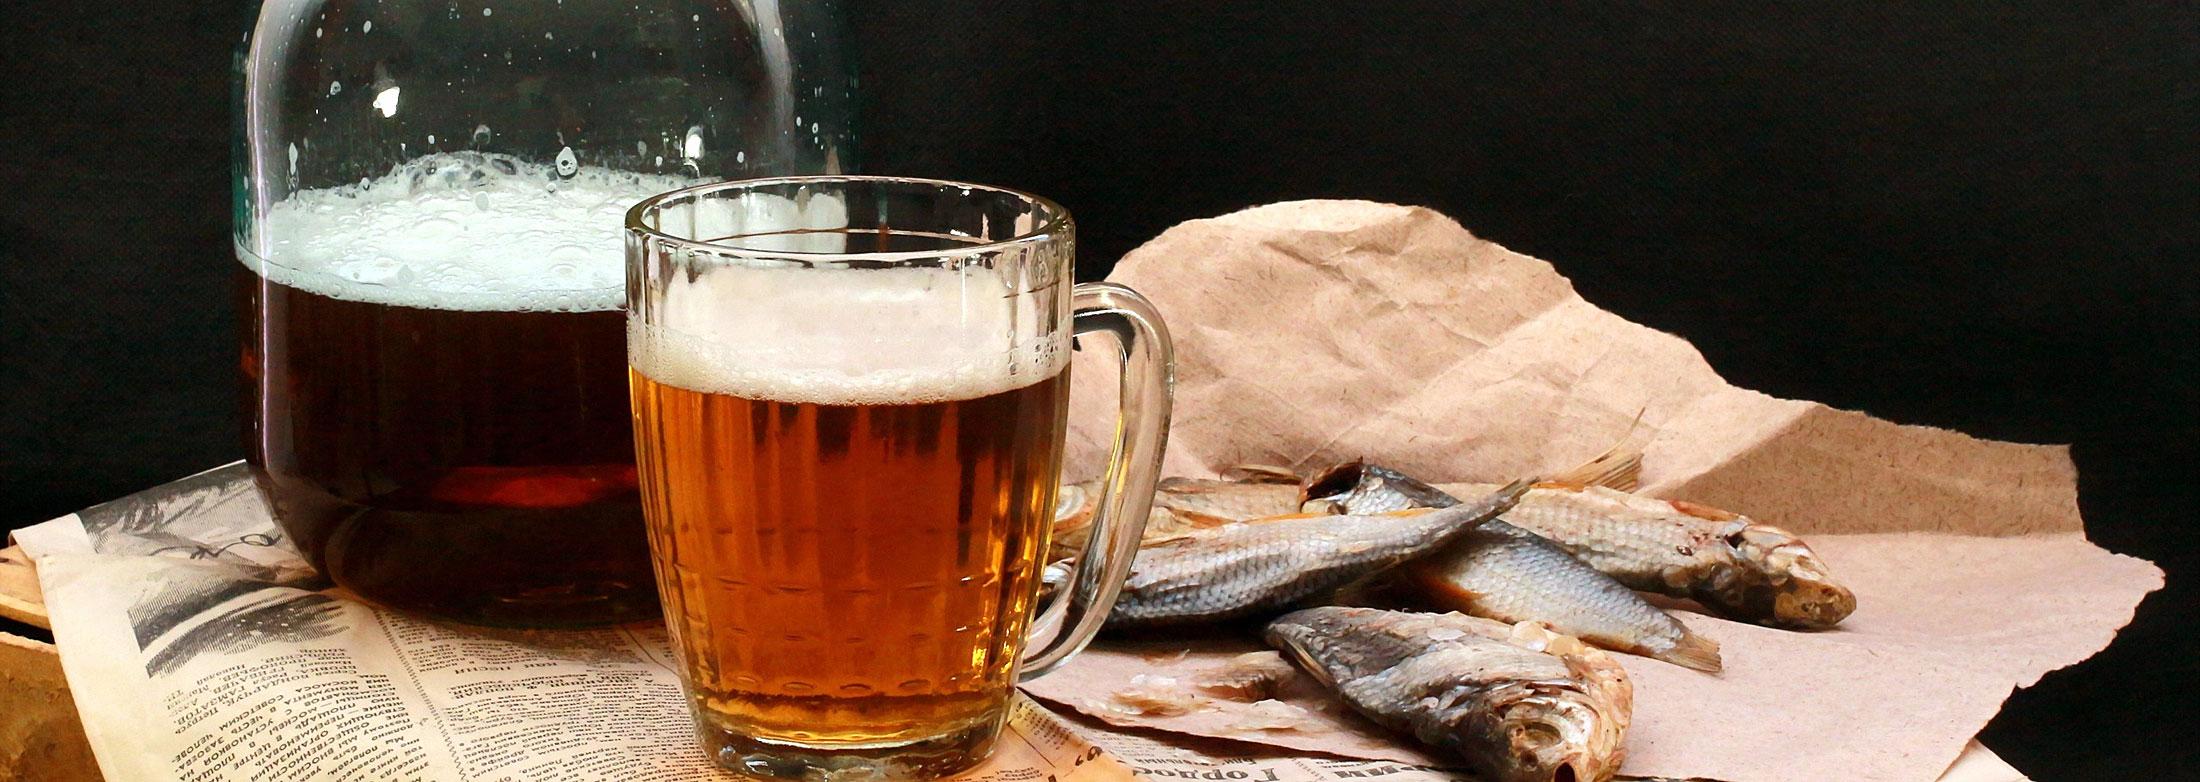 Себестоимость 1 литра пива в домашней пивоварне купить перегонный куб для самогонного аппарата 20л